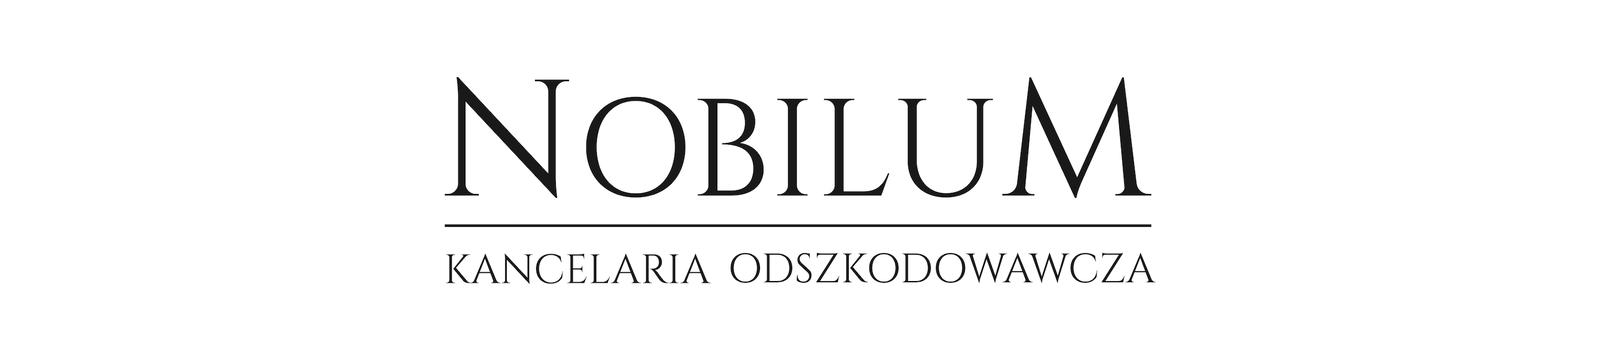 Kancelaria Odszkodowawcza NOBILUM